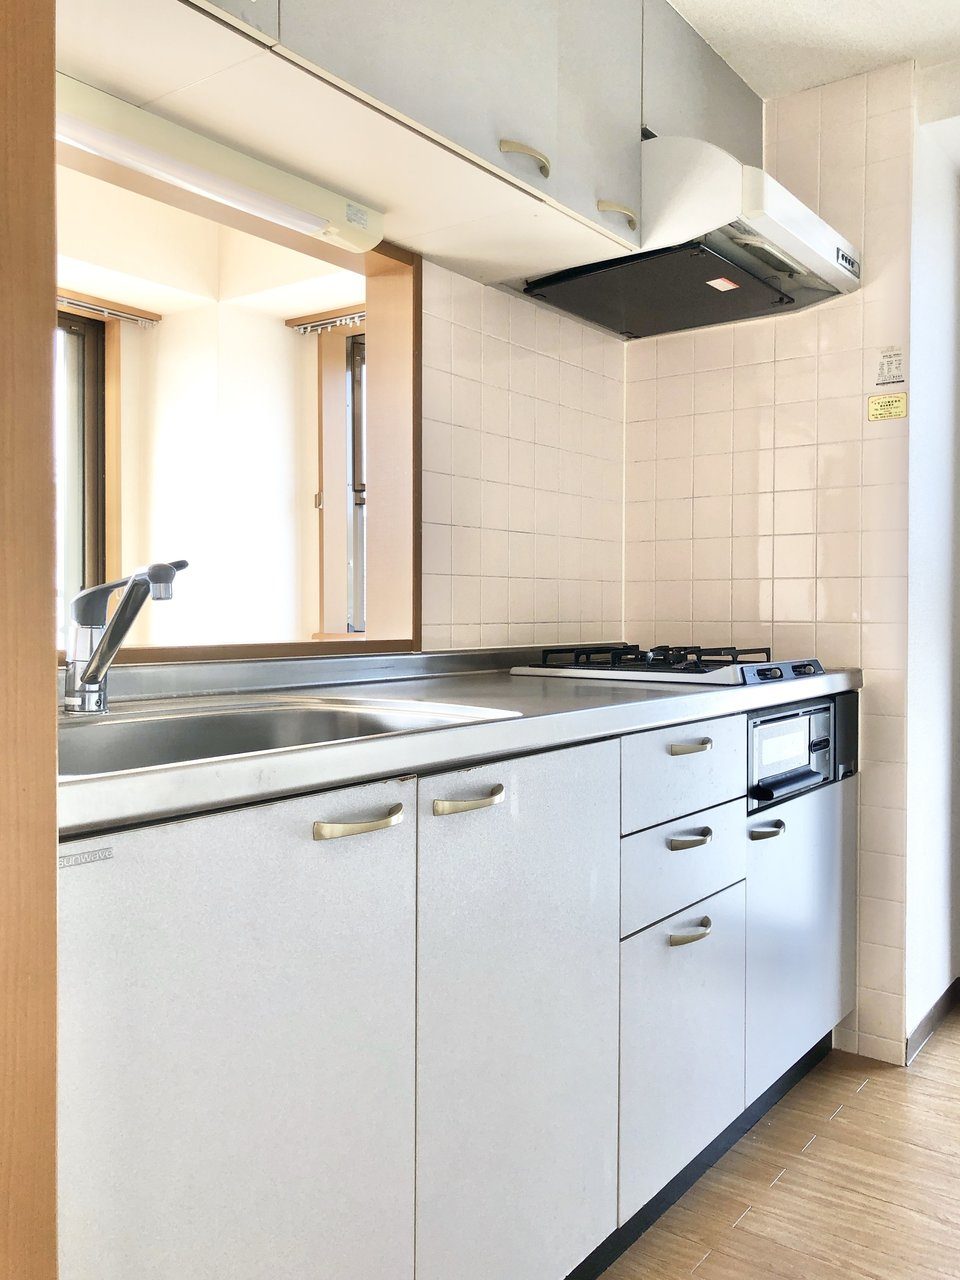 キッチンは対面式になっていて、窓からの景色を楽しみながら料理ができます。背面には冷蔵庫や収納棚などの大きな家電も置けるスペースがありましたよ。